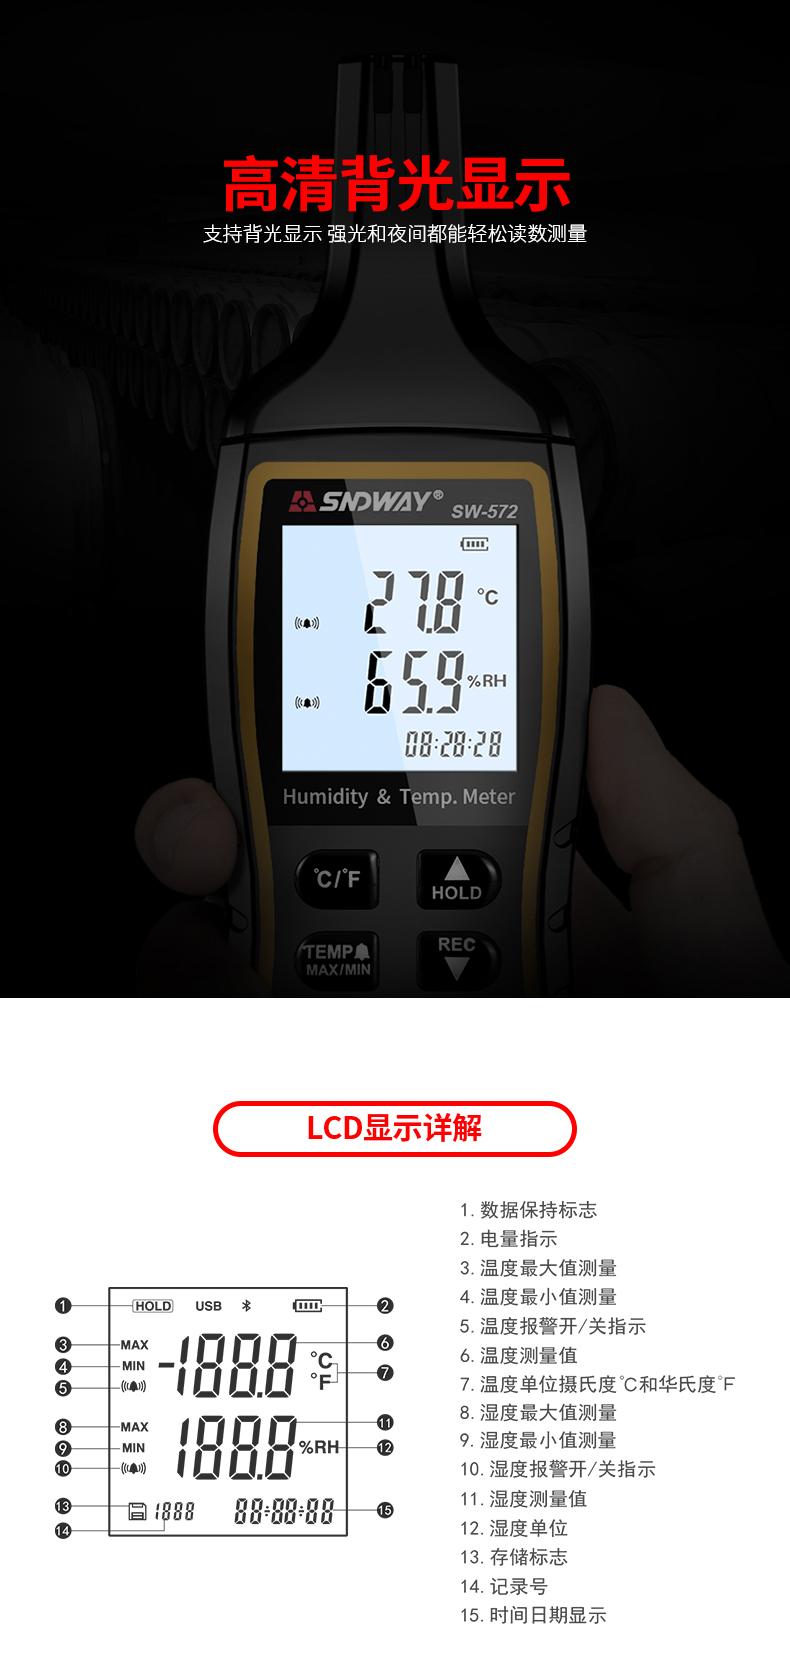 深达威温湿度计家用高精度室内外电子温度工业手持数字温湿表大棚-tmall_07